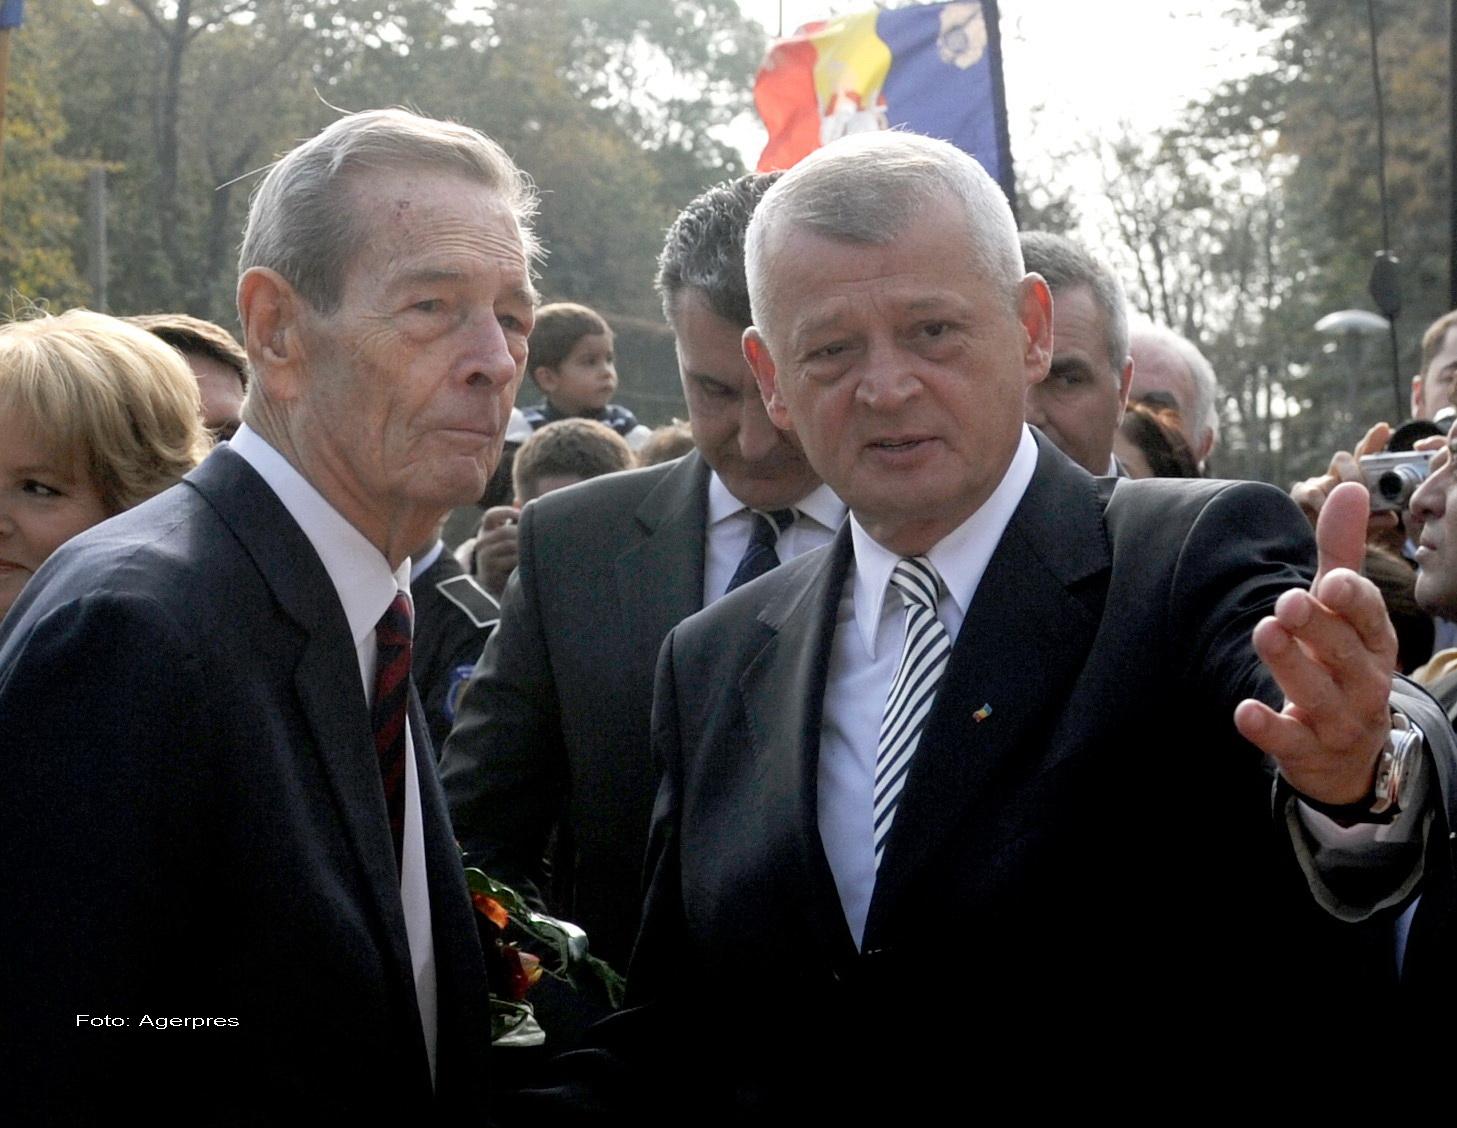 Regele Mihai i-a retras lui Sorin Oprescu calitatea de membru al Ordinului Coroana Romaniei. Anuntul facut de Casa Regala